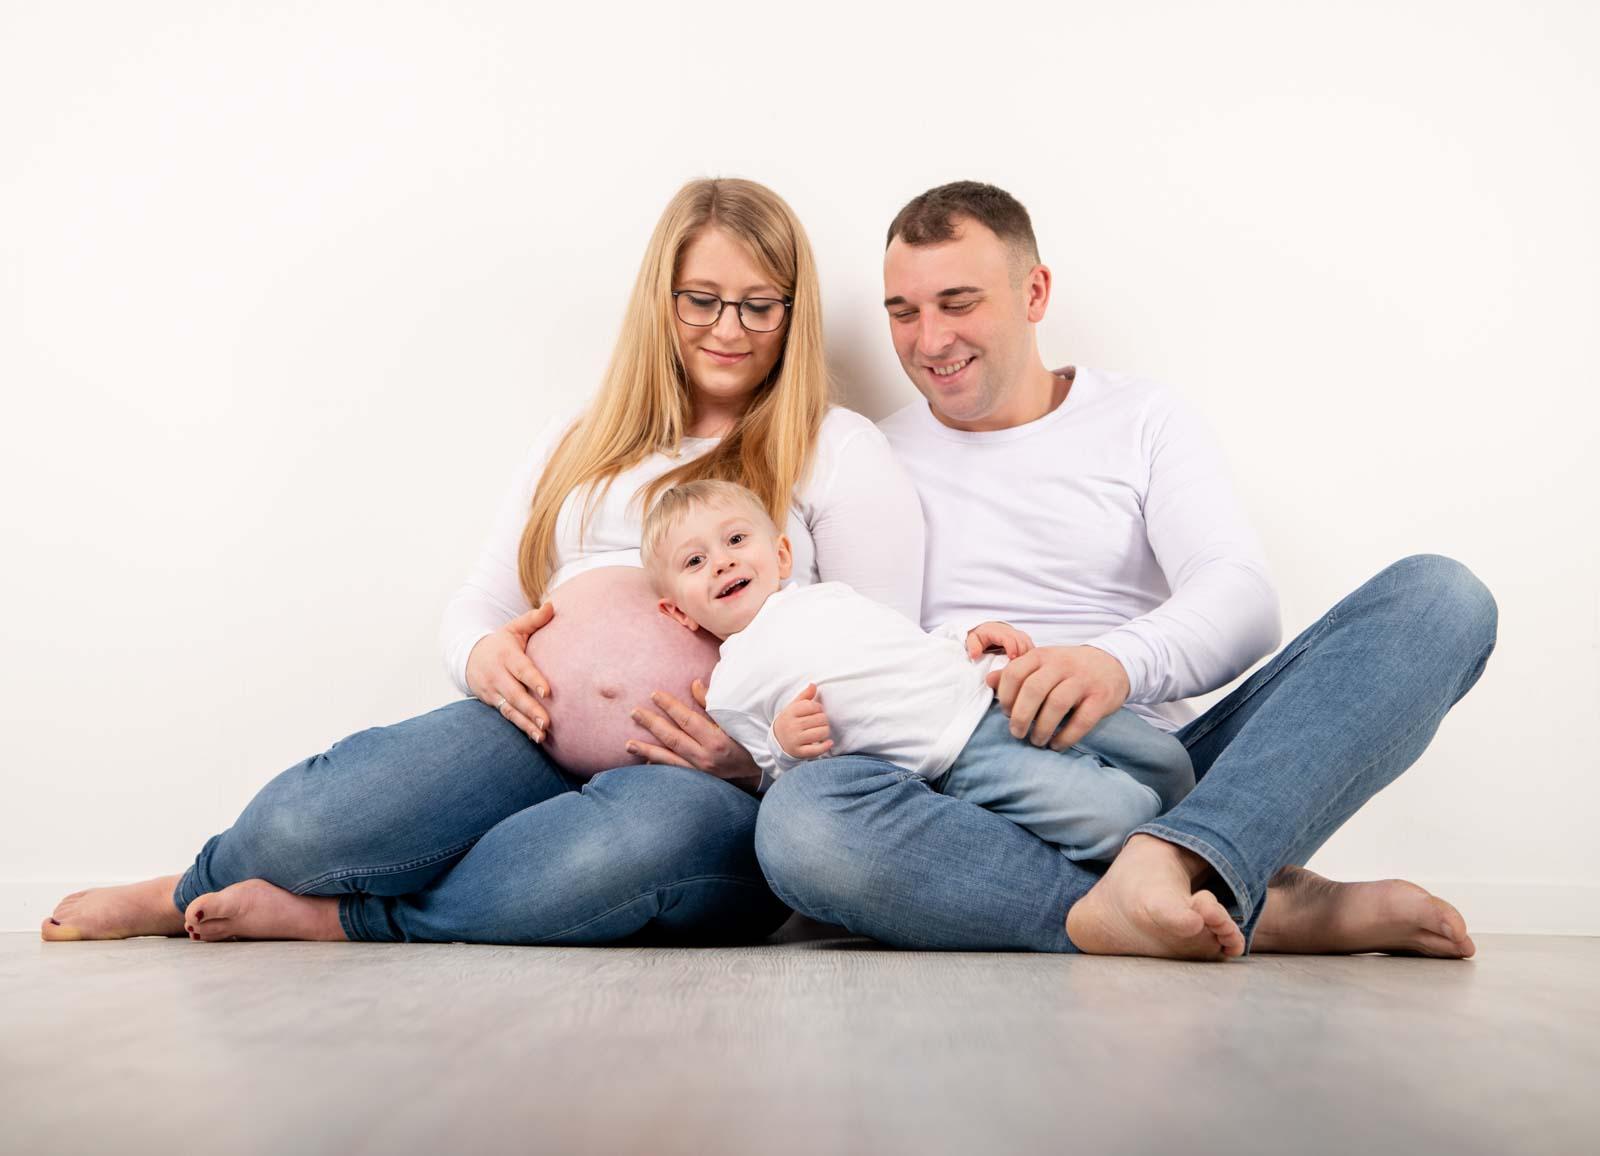 schwangerschafts fotoshooting liebe bauch